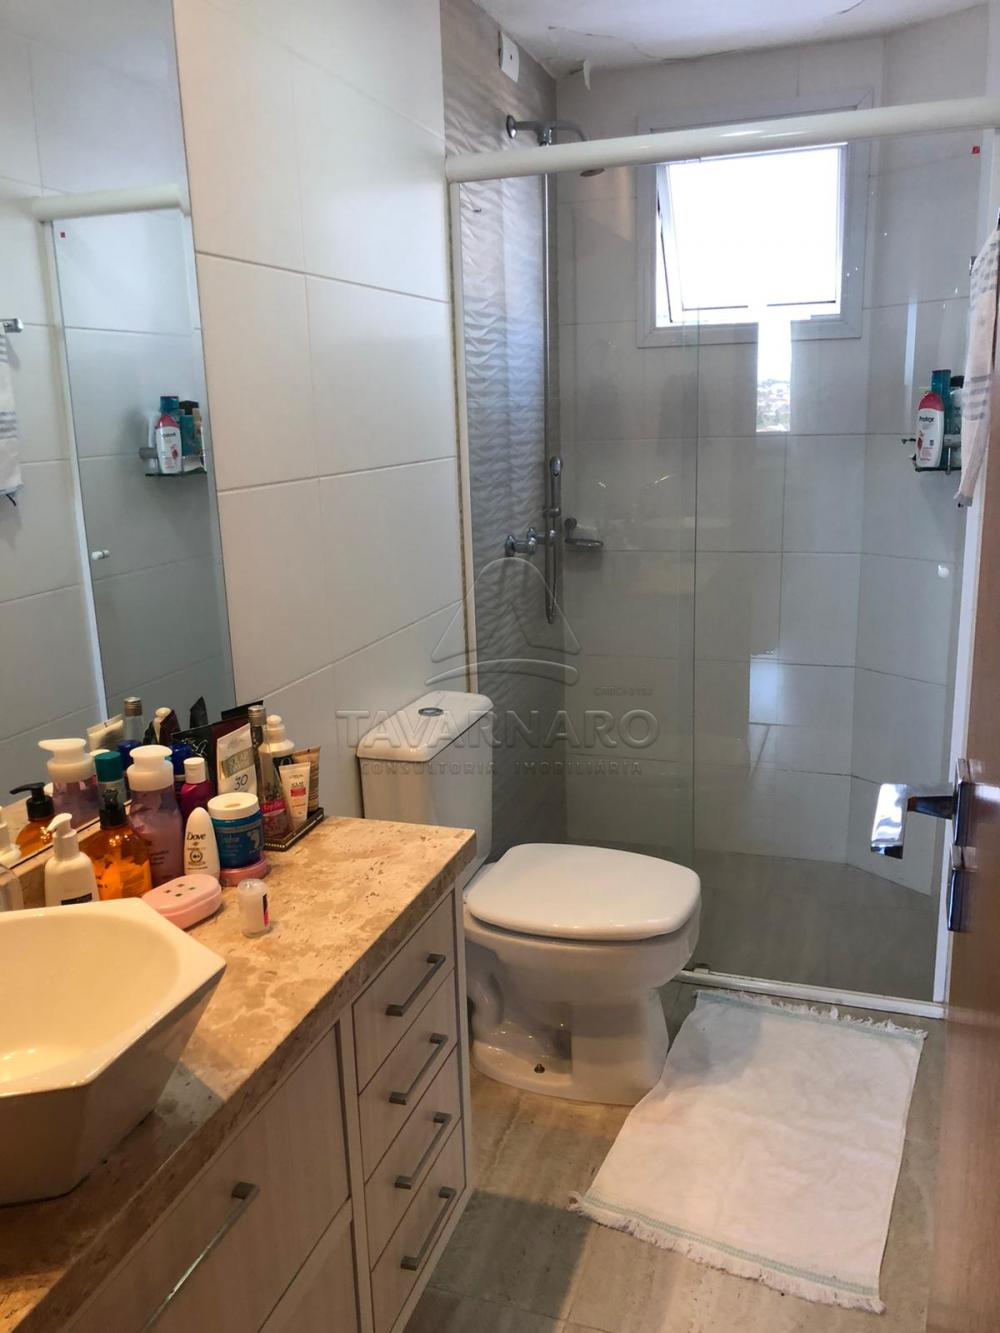 Comprar Apartamento / Padrão em Ponta Grossa R$ 610.000,00 - Foto 17